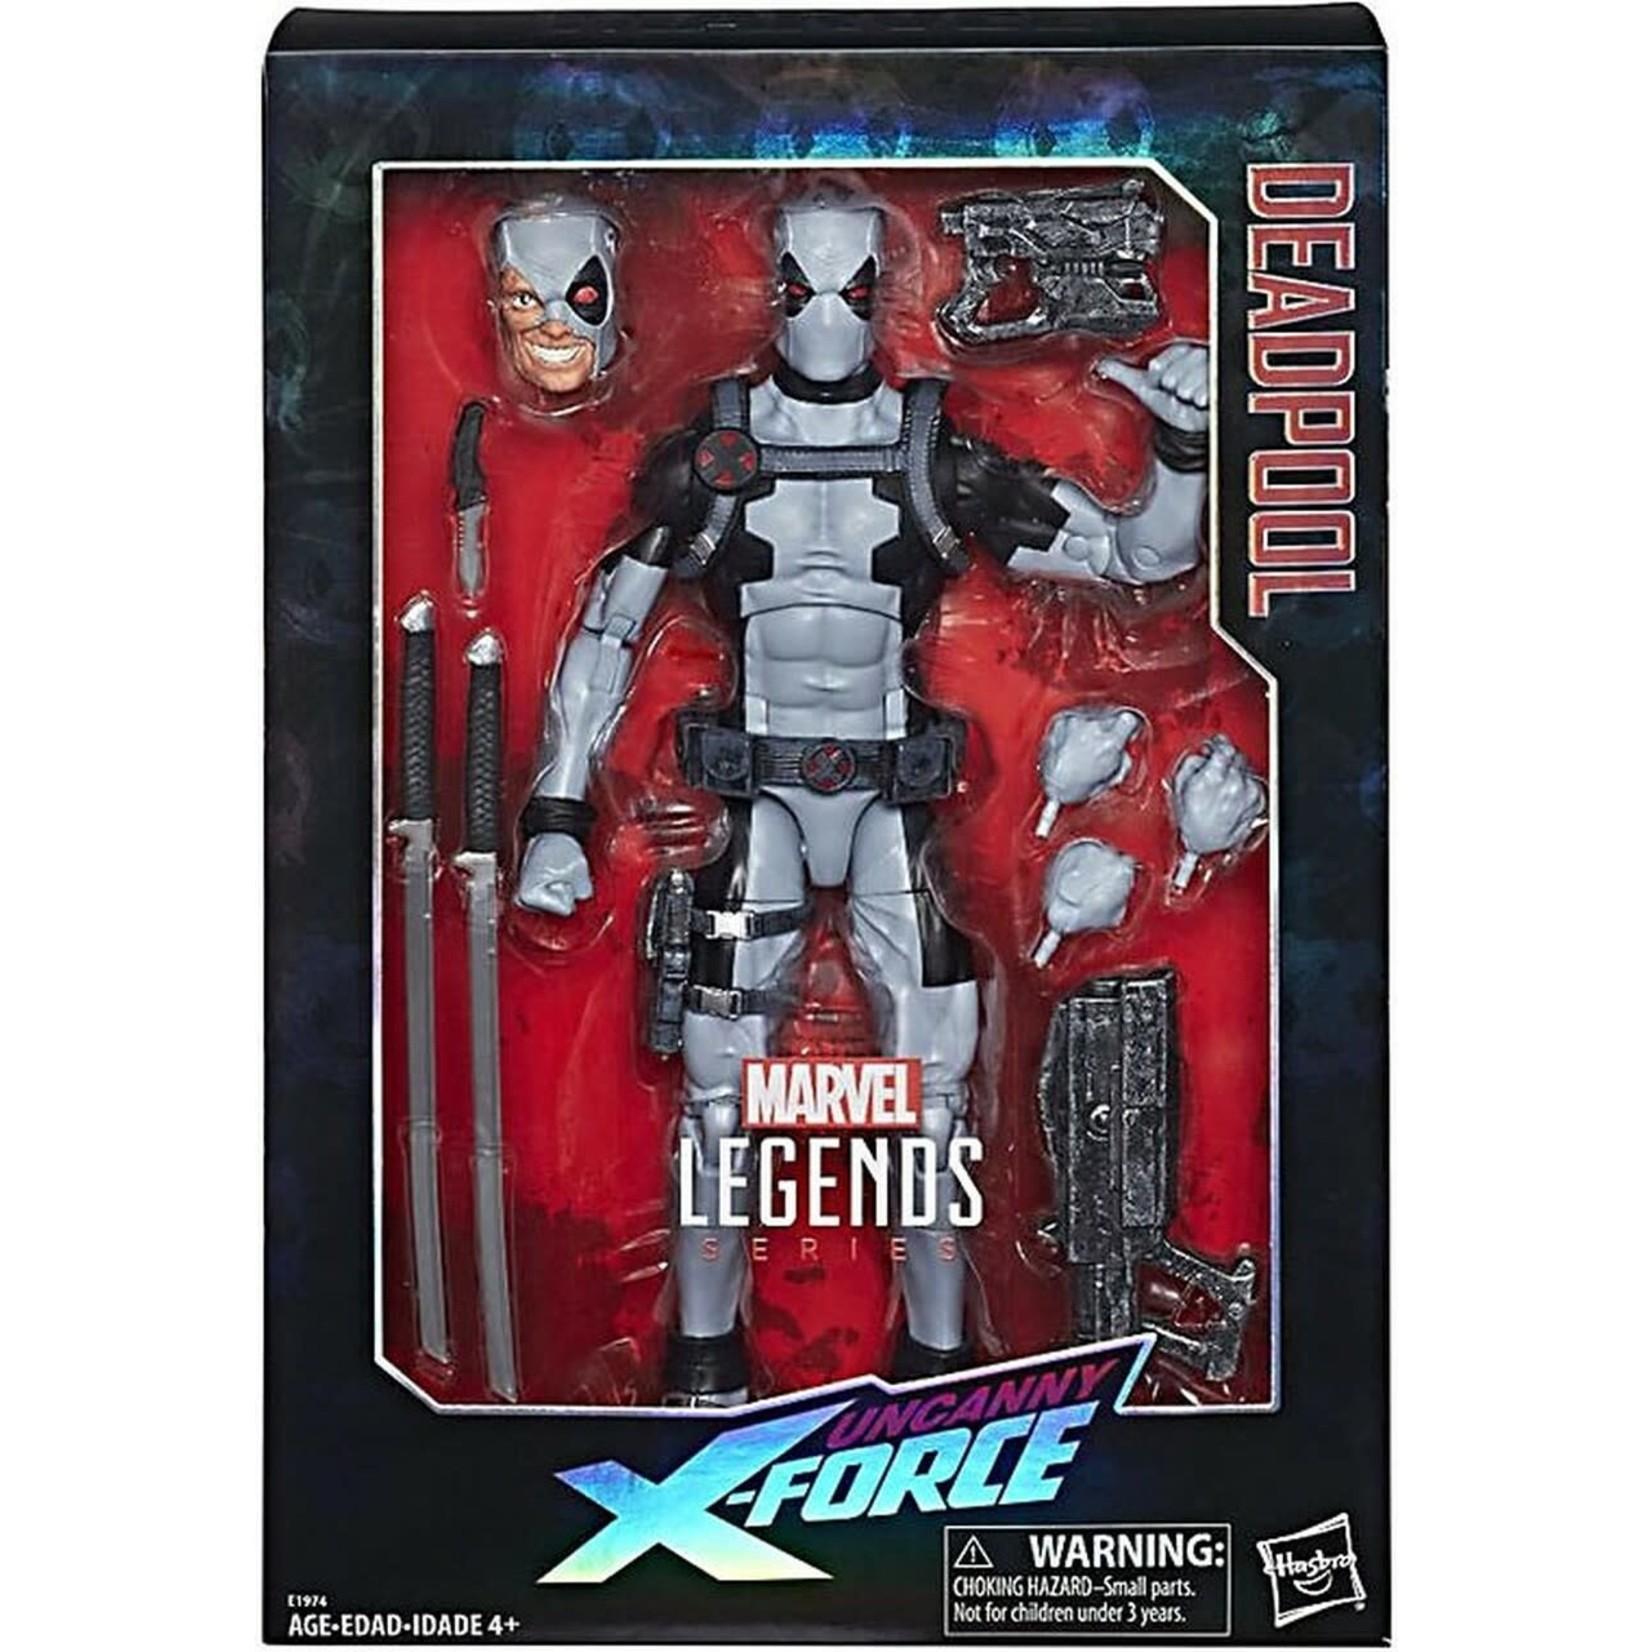 Hasbro Marvel Legends Deadpool Exclusive Deluxe Collector [Uncanny X-Men]